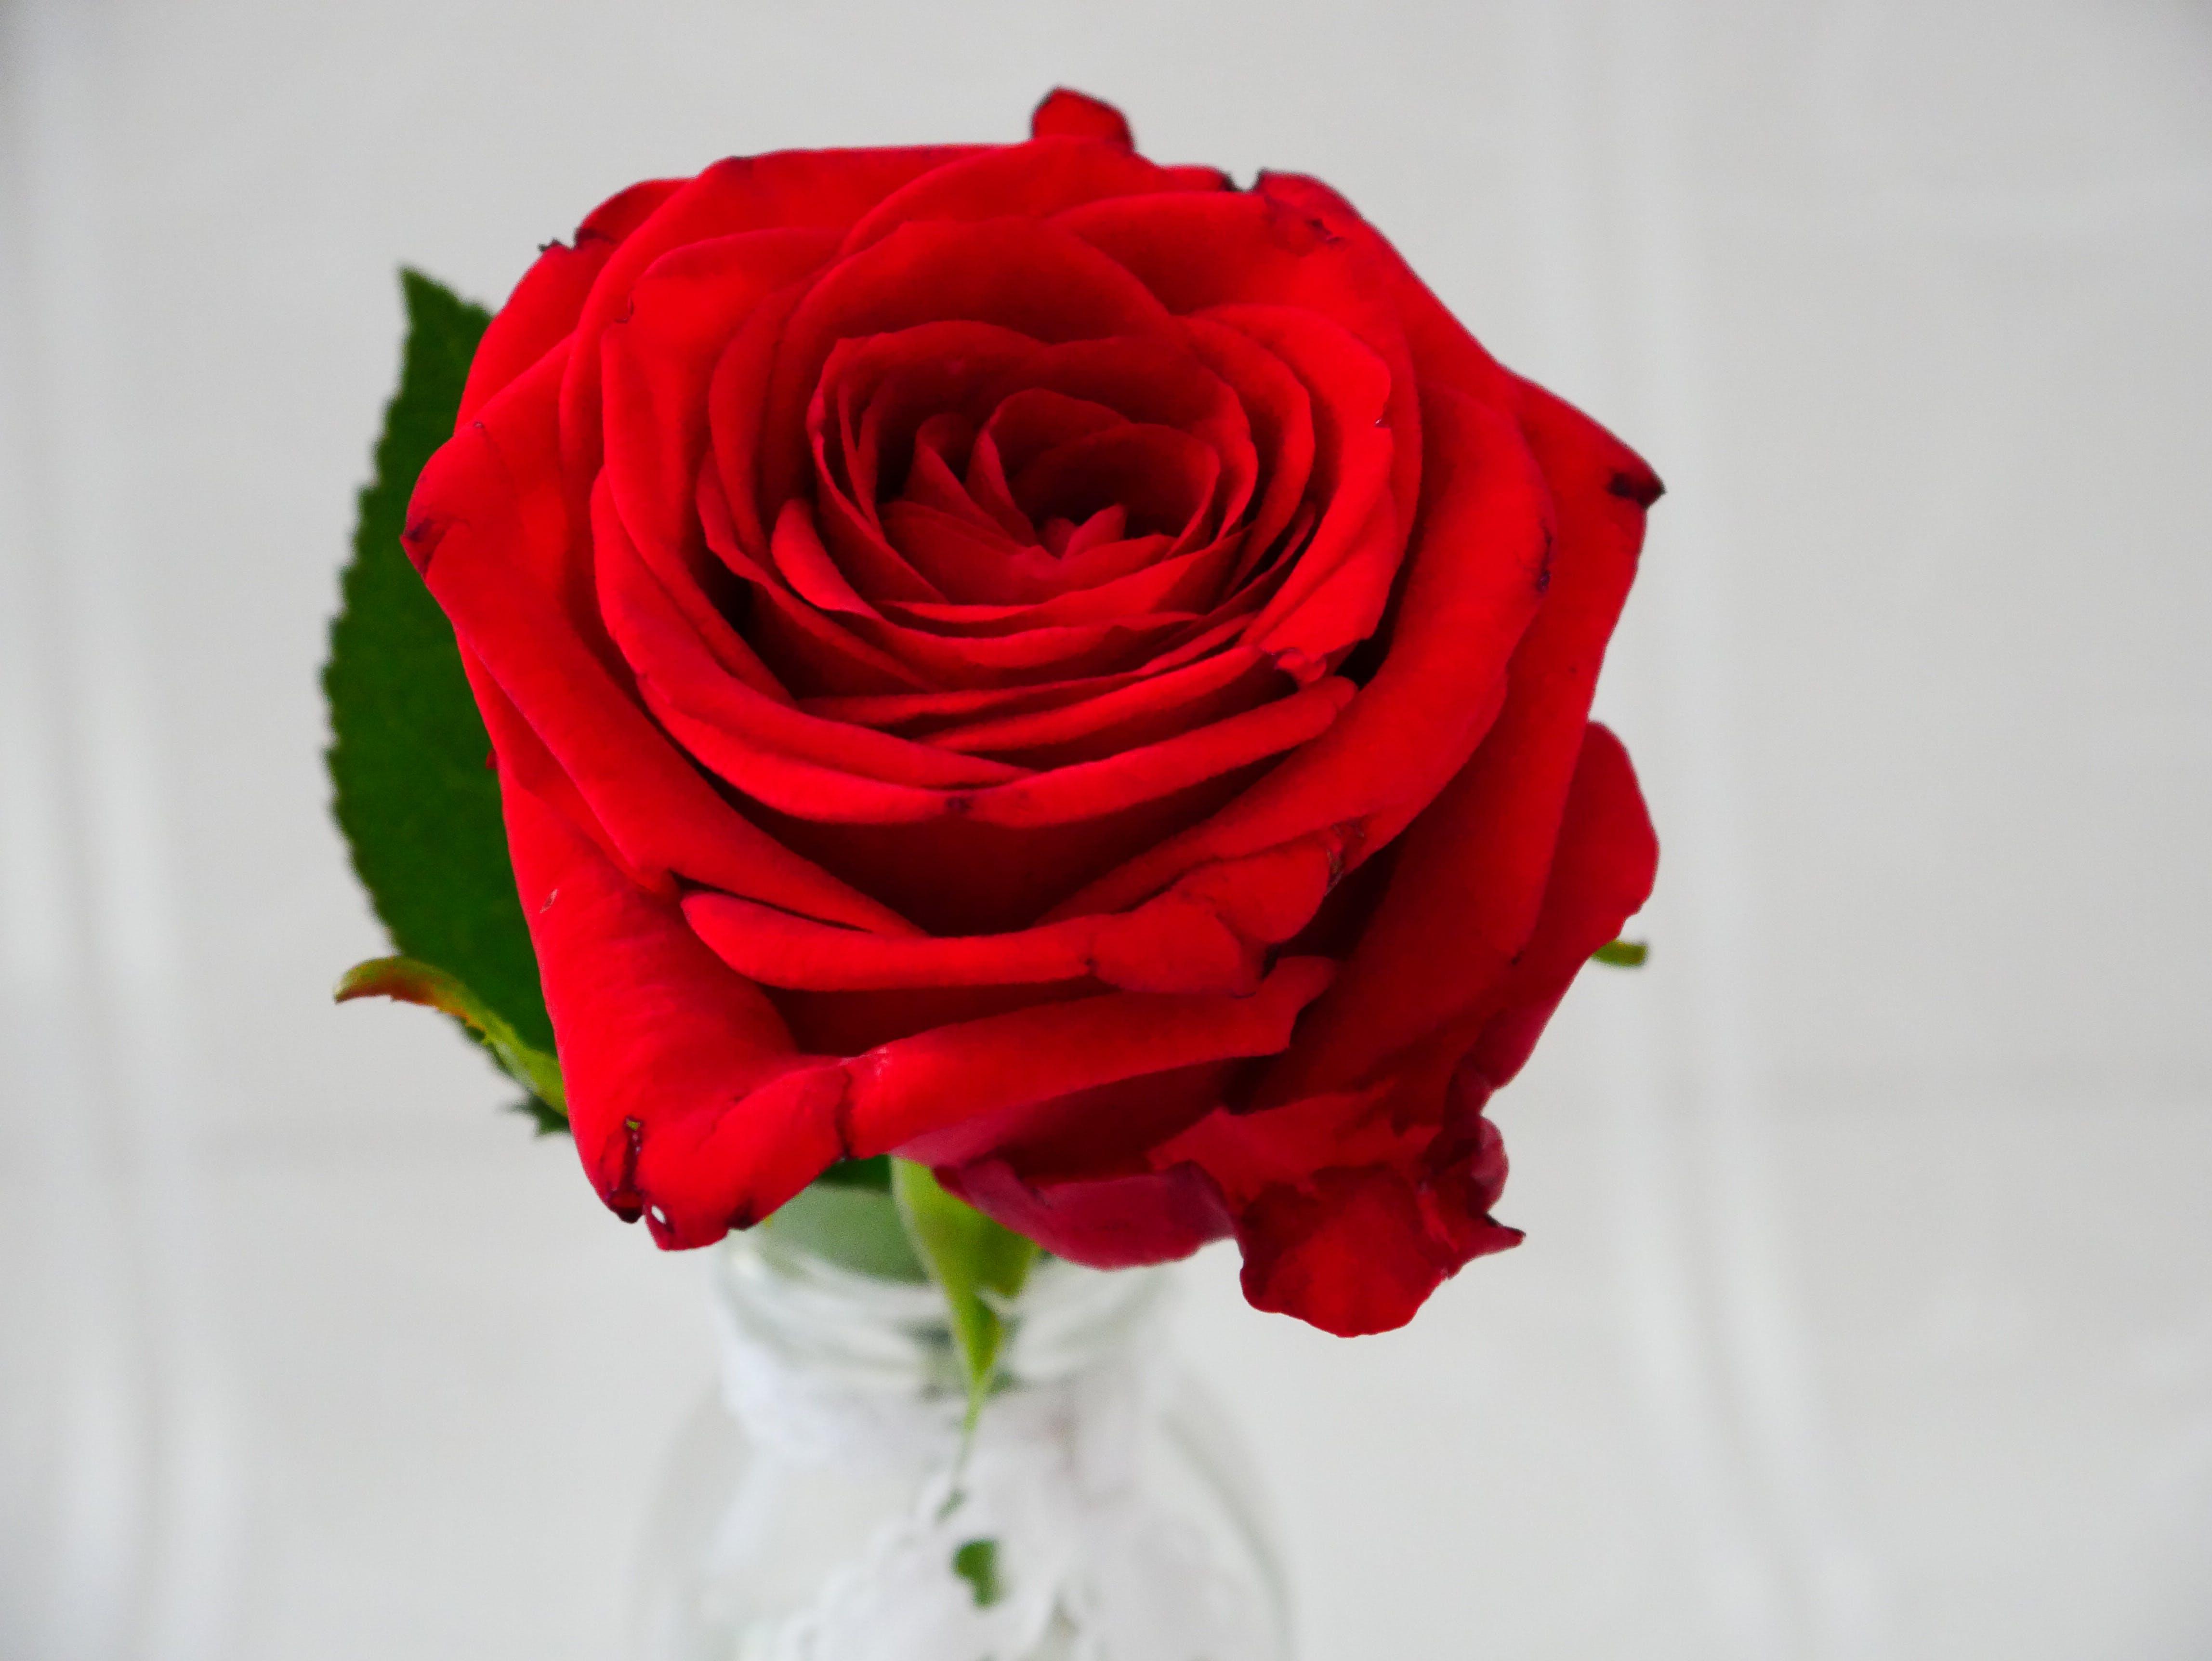 Kostenloses Stock Foto zu blume, blüte, liebe, rose